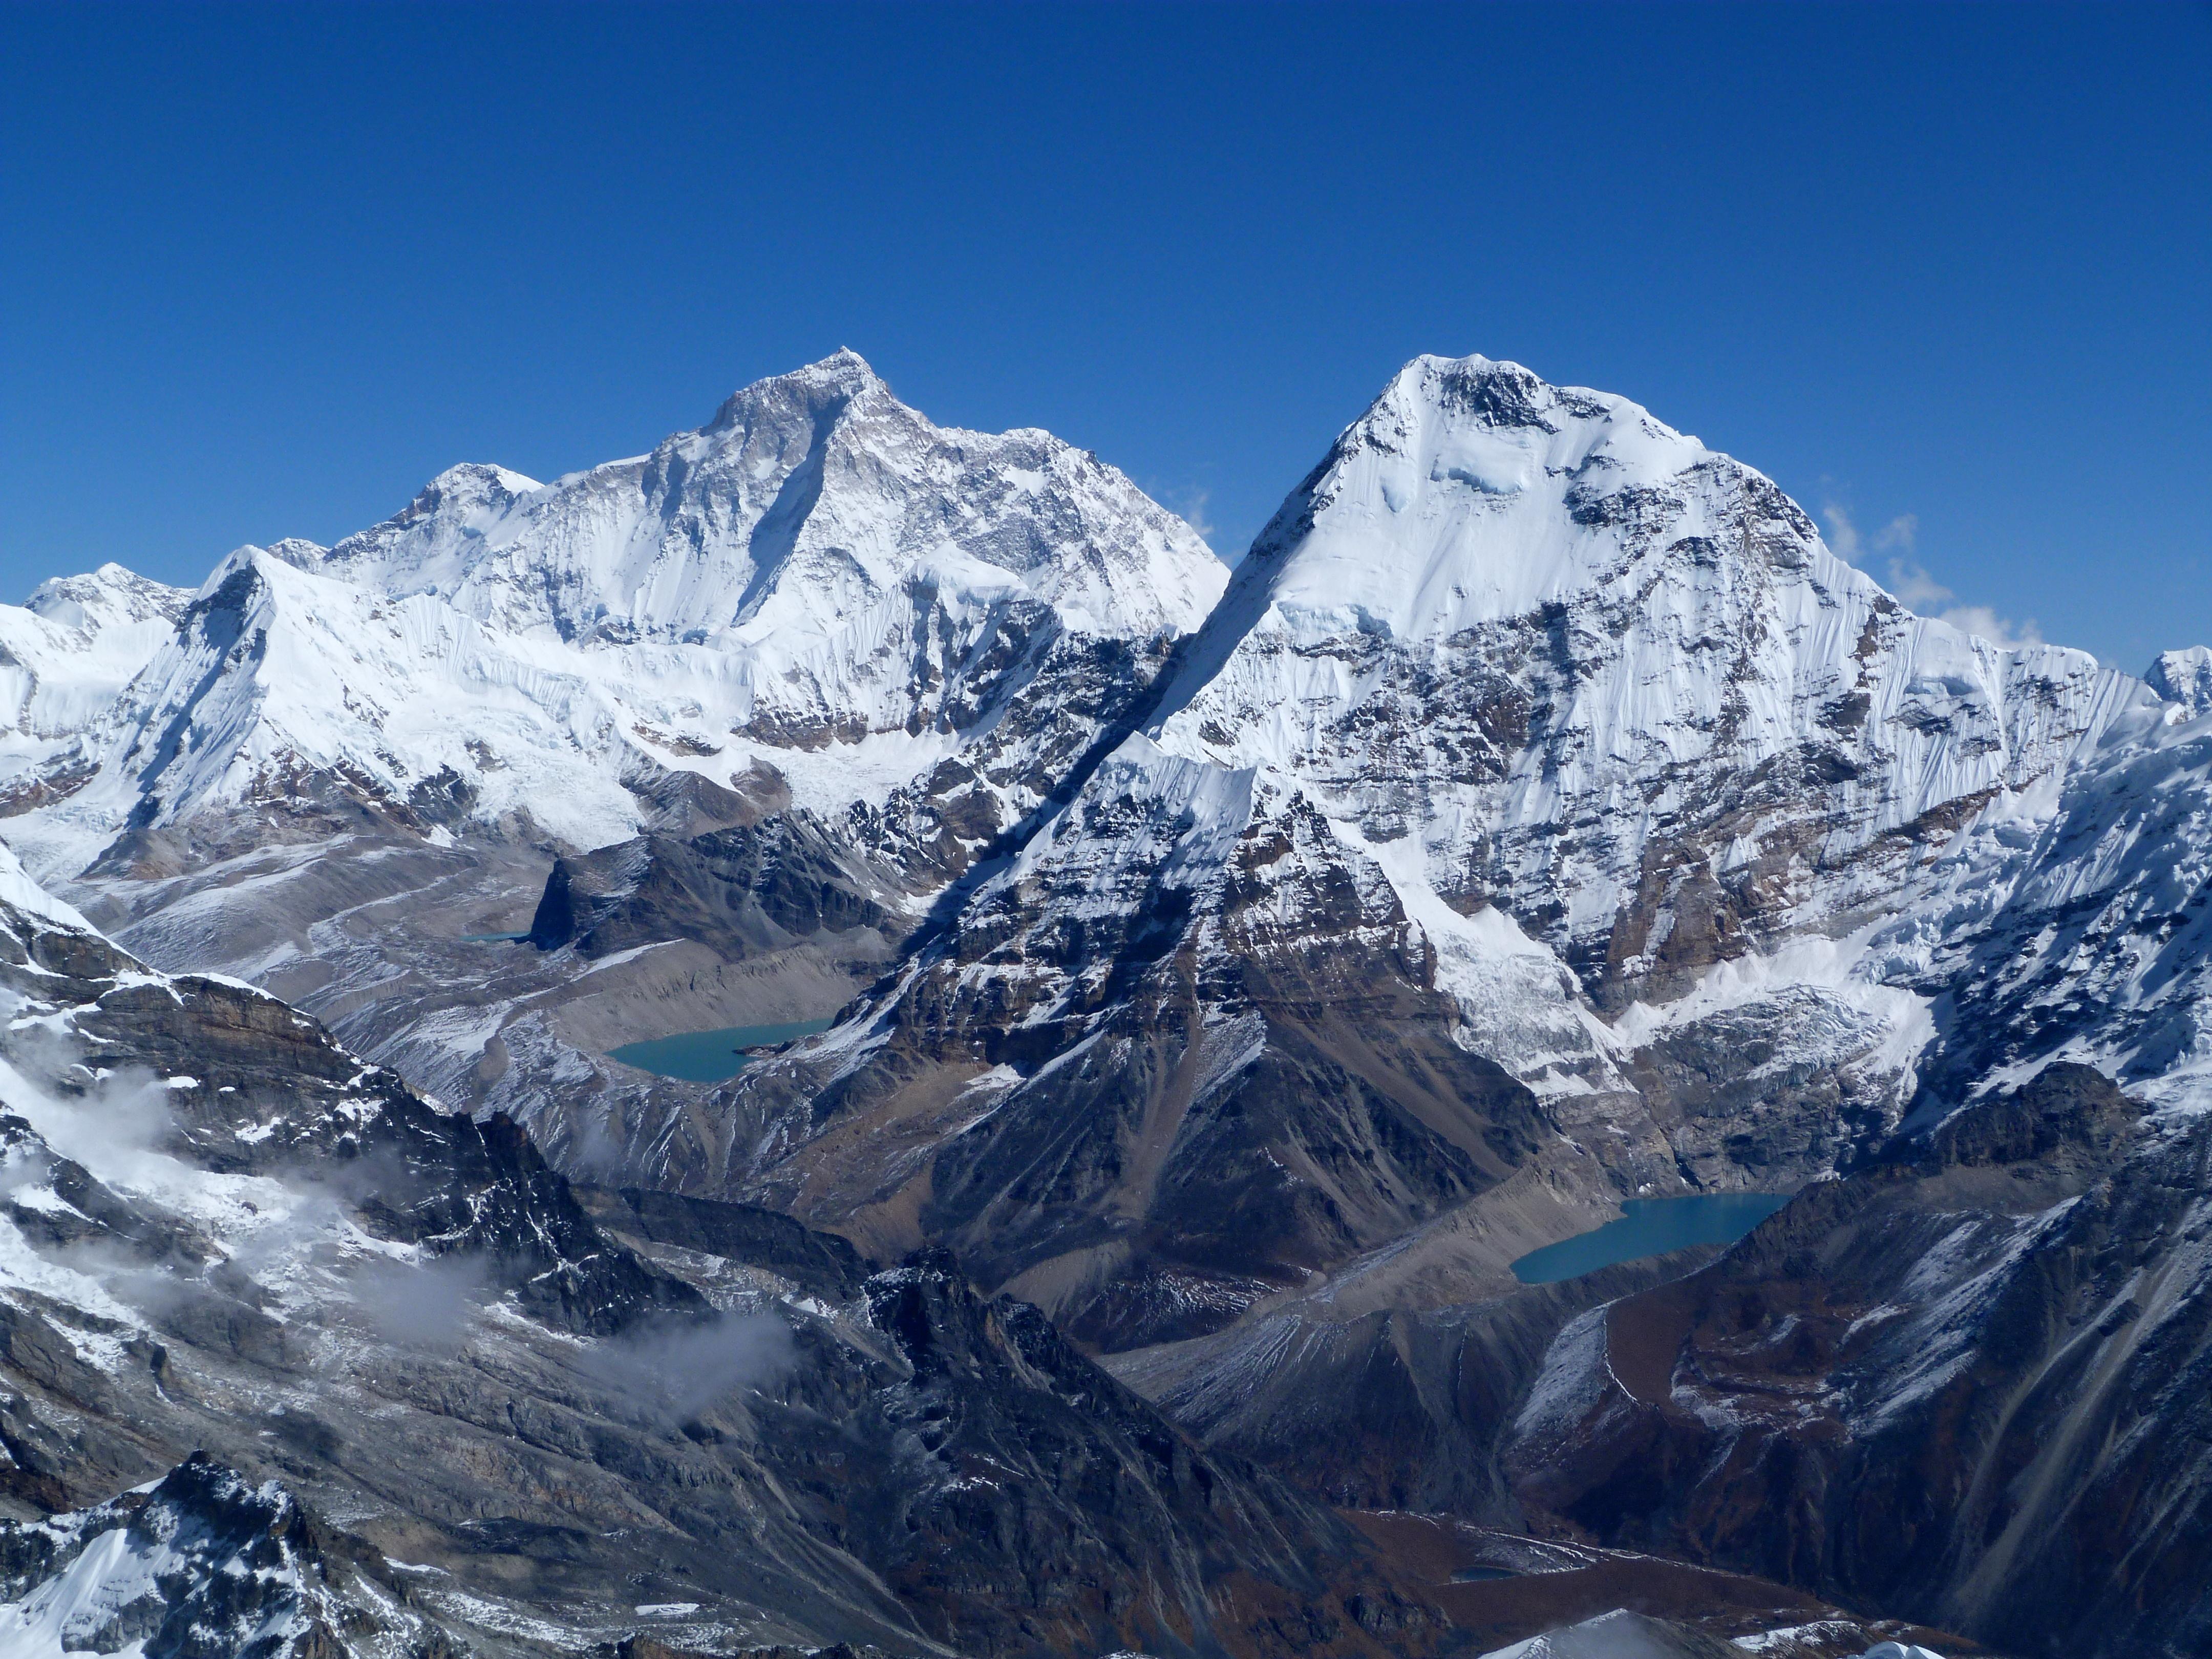 Макалу и Эверест – самые известные горные вершины